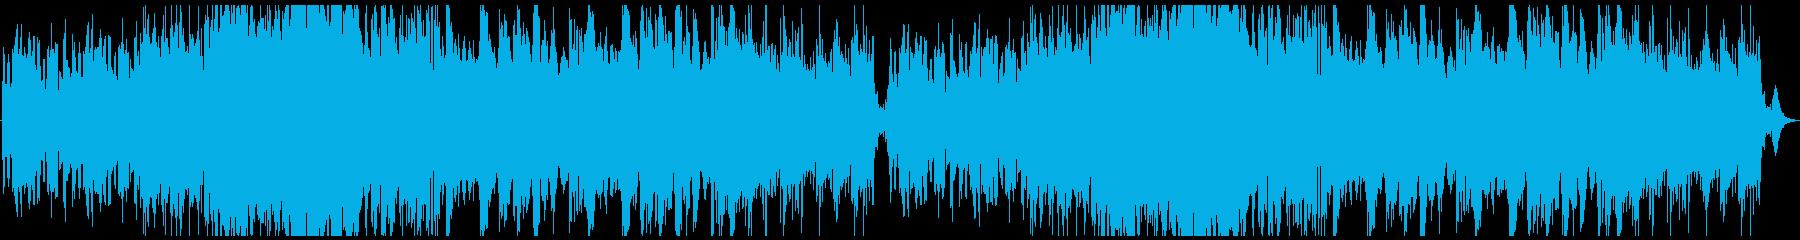 楽しいケルト曲の再生済みの波形